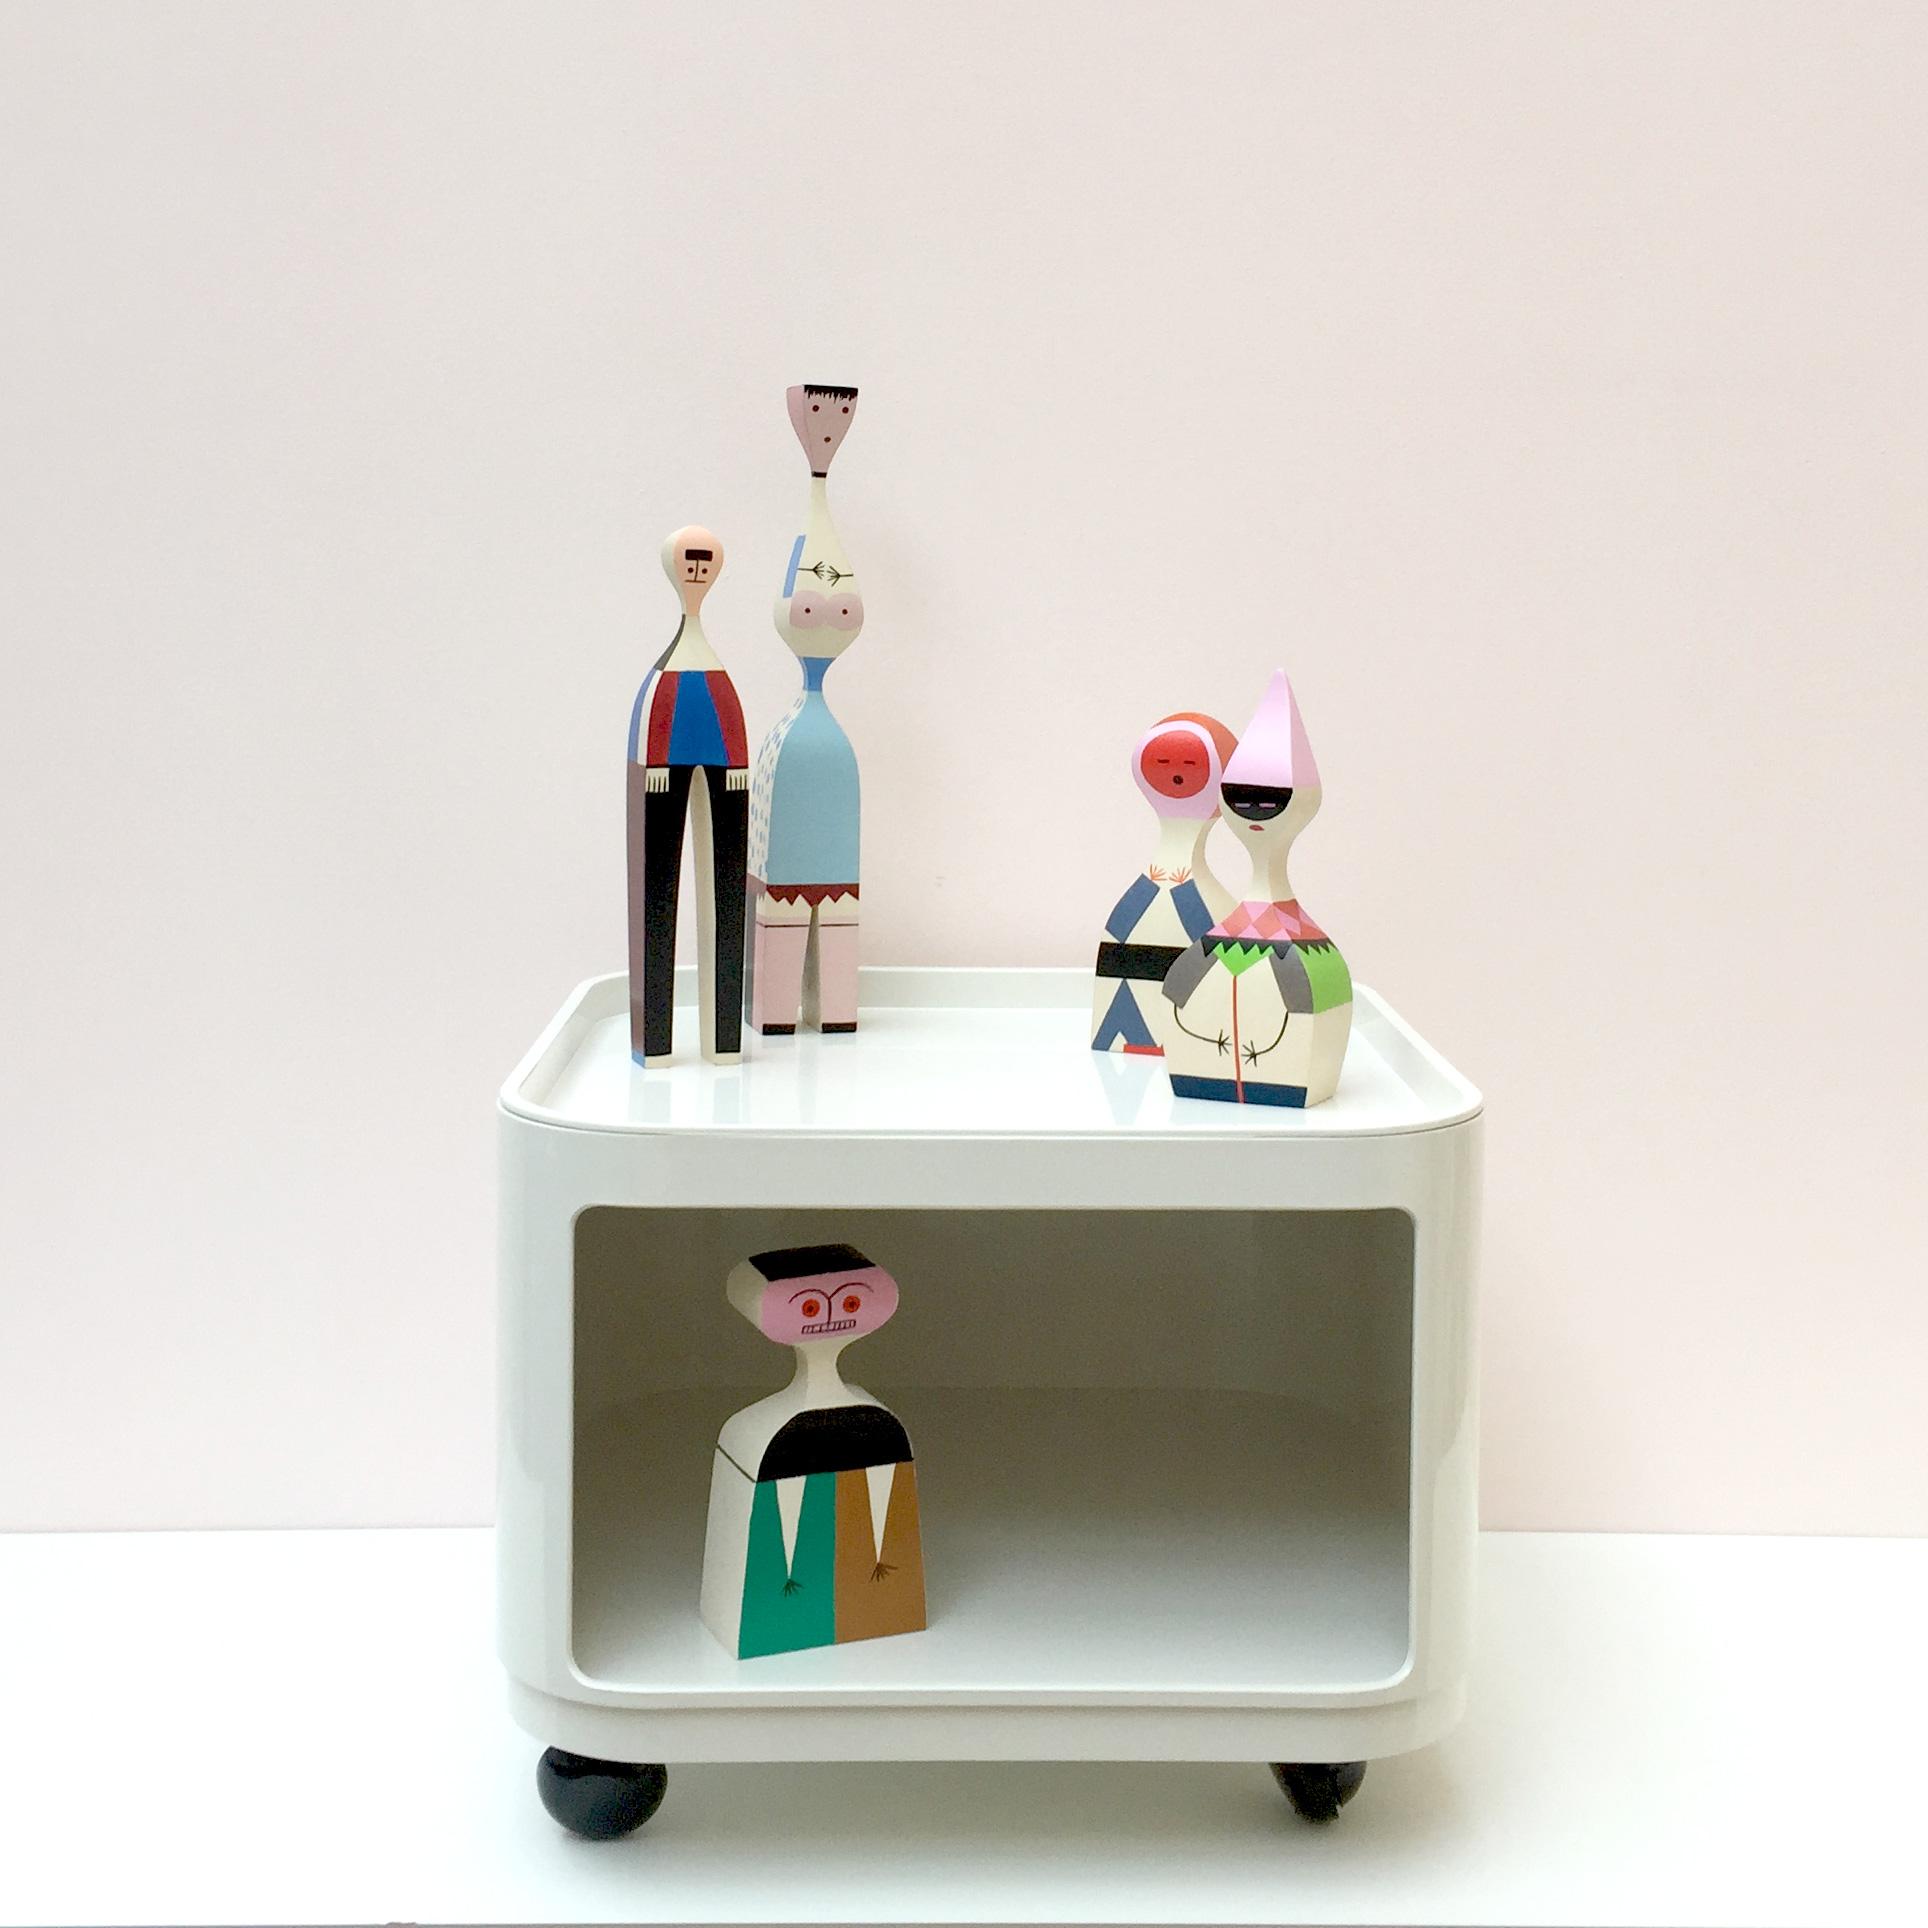 kartell componibili eckig kartell large square. Black Bedroom Furniture Sets. Home Design Ideas